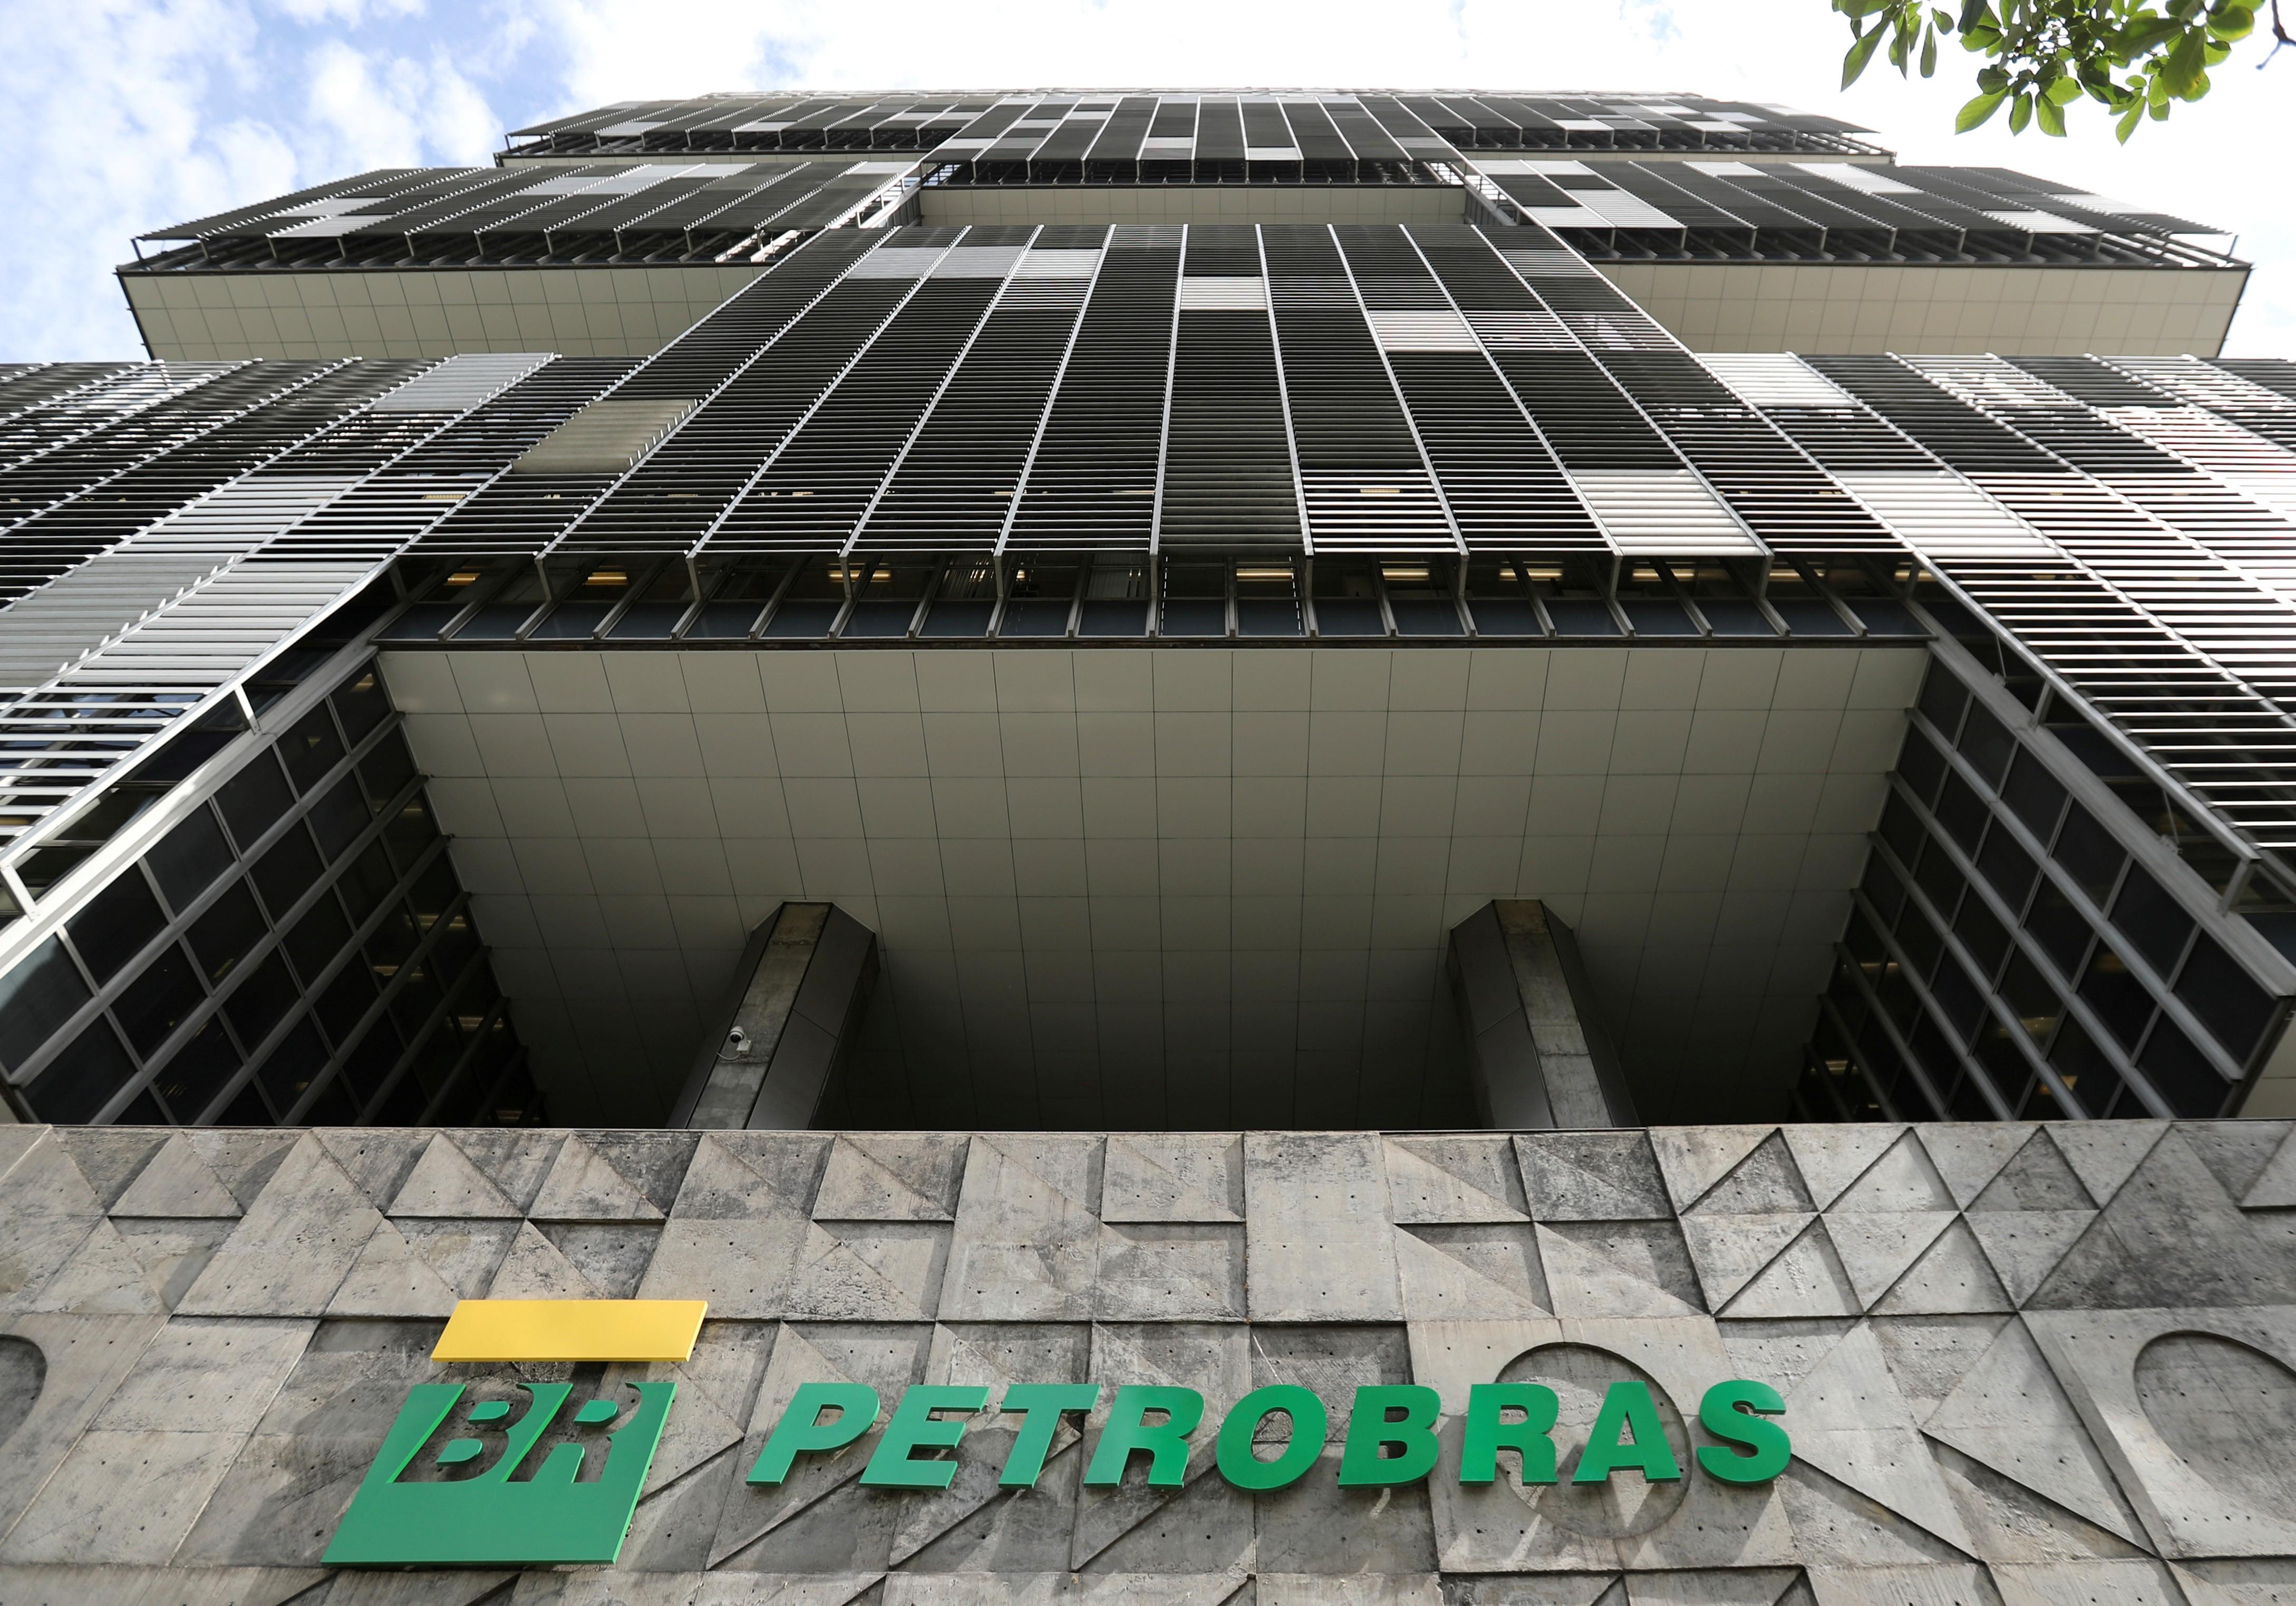 Empregados da Petrobras são alvo de uma tentativa de golpe na internet